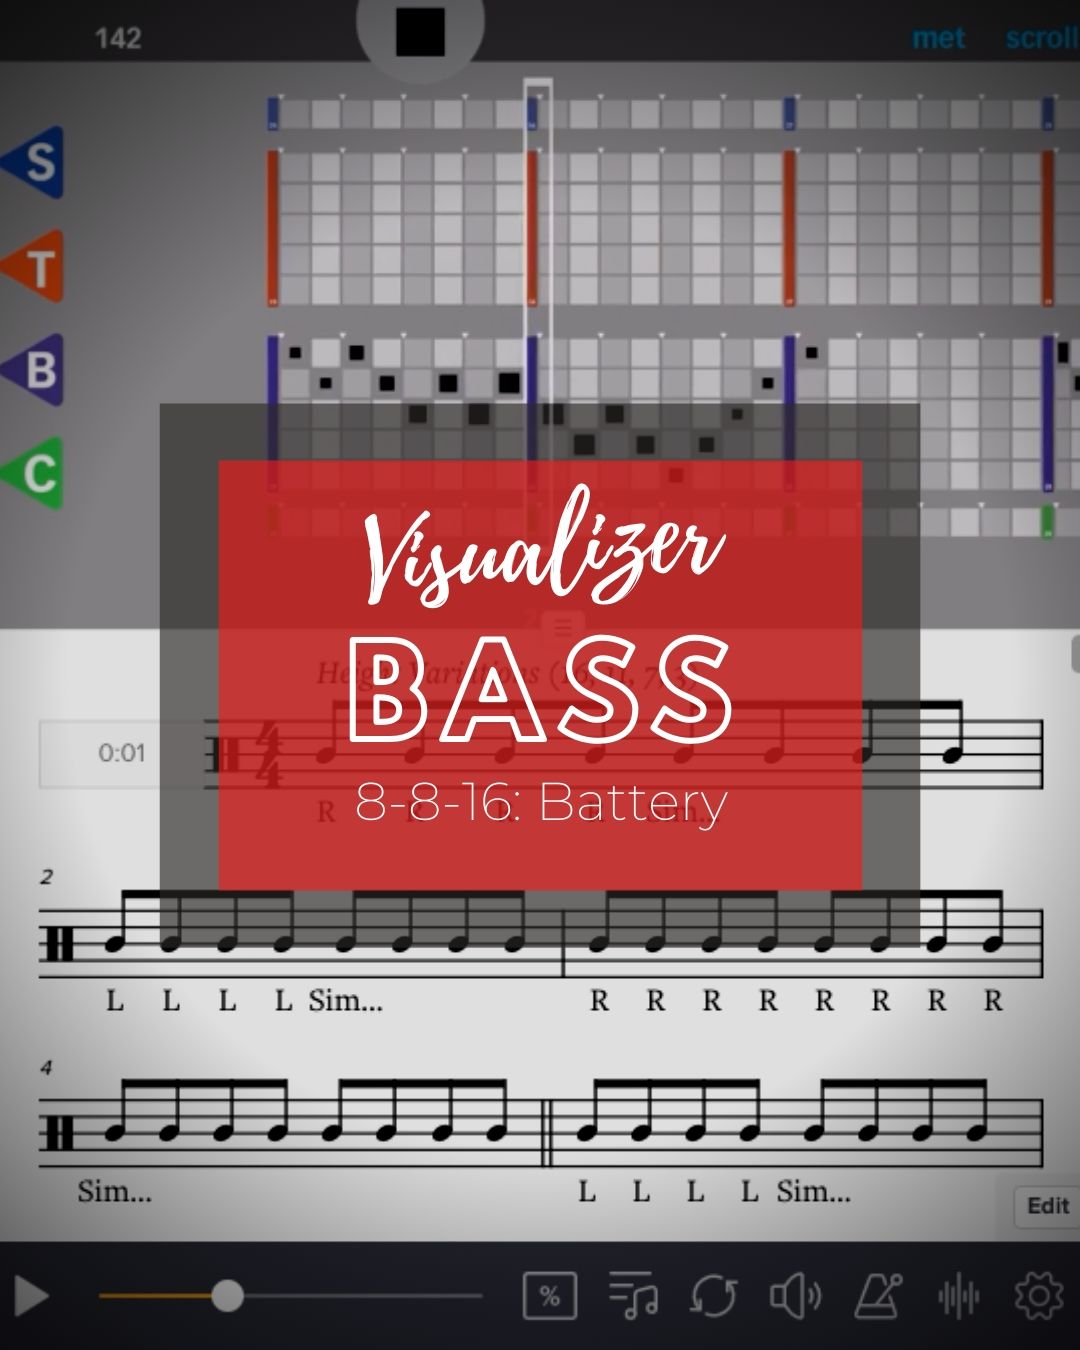 8-8-16 Bass Visualizer